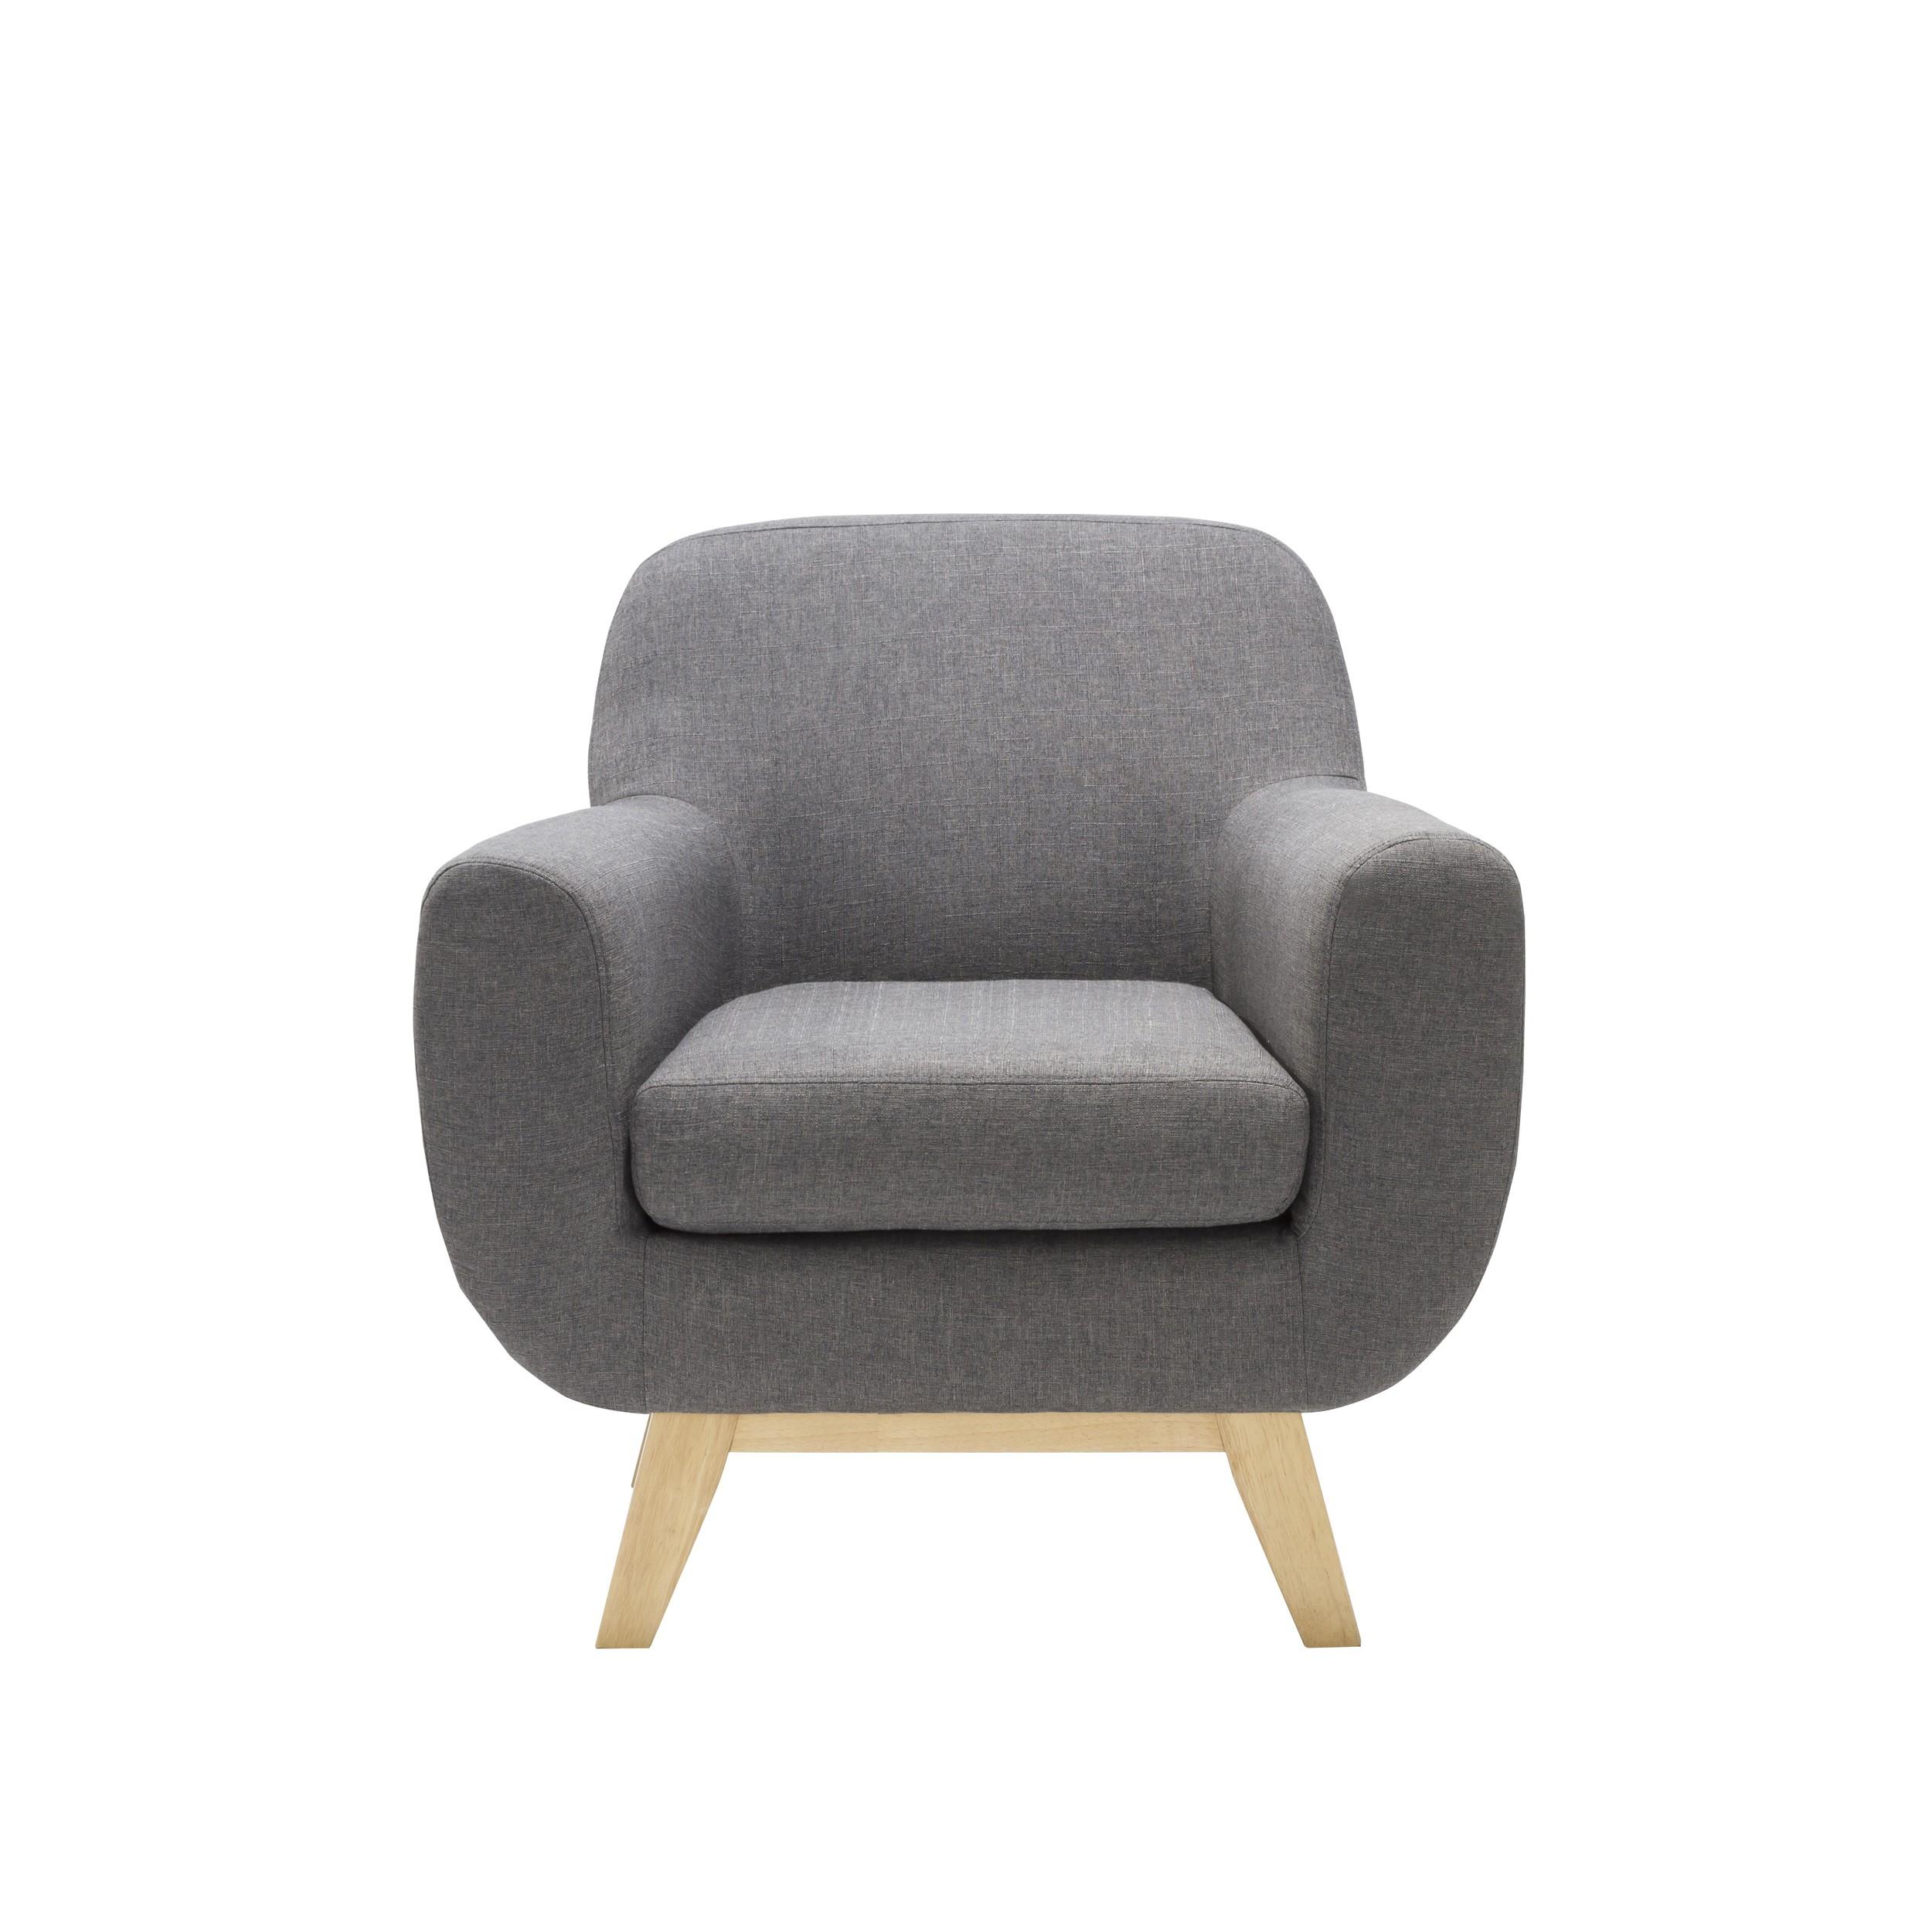 fauteuil copenhague gris adoptez nos fauteuils copenhague gris prix discount rdv d co. Black Bedroom Furniture Sets. Home Design Ideas